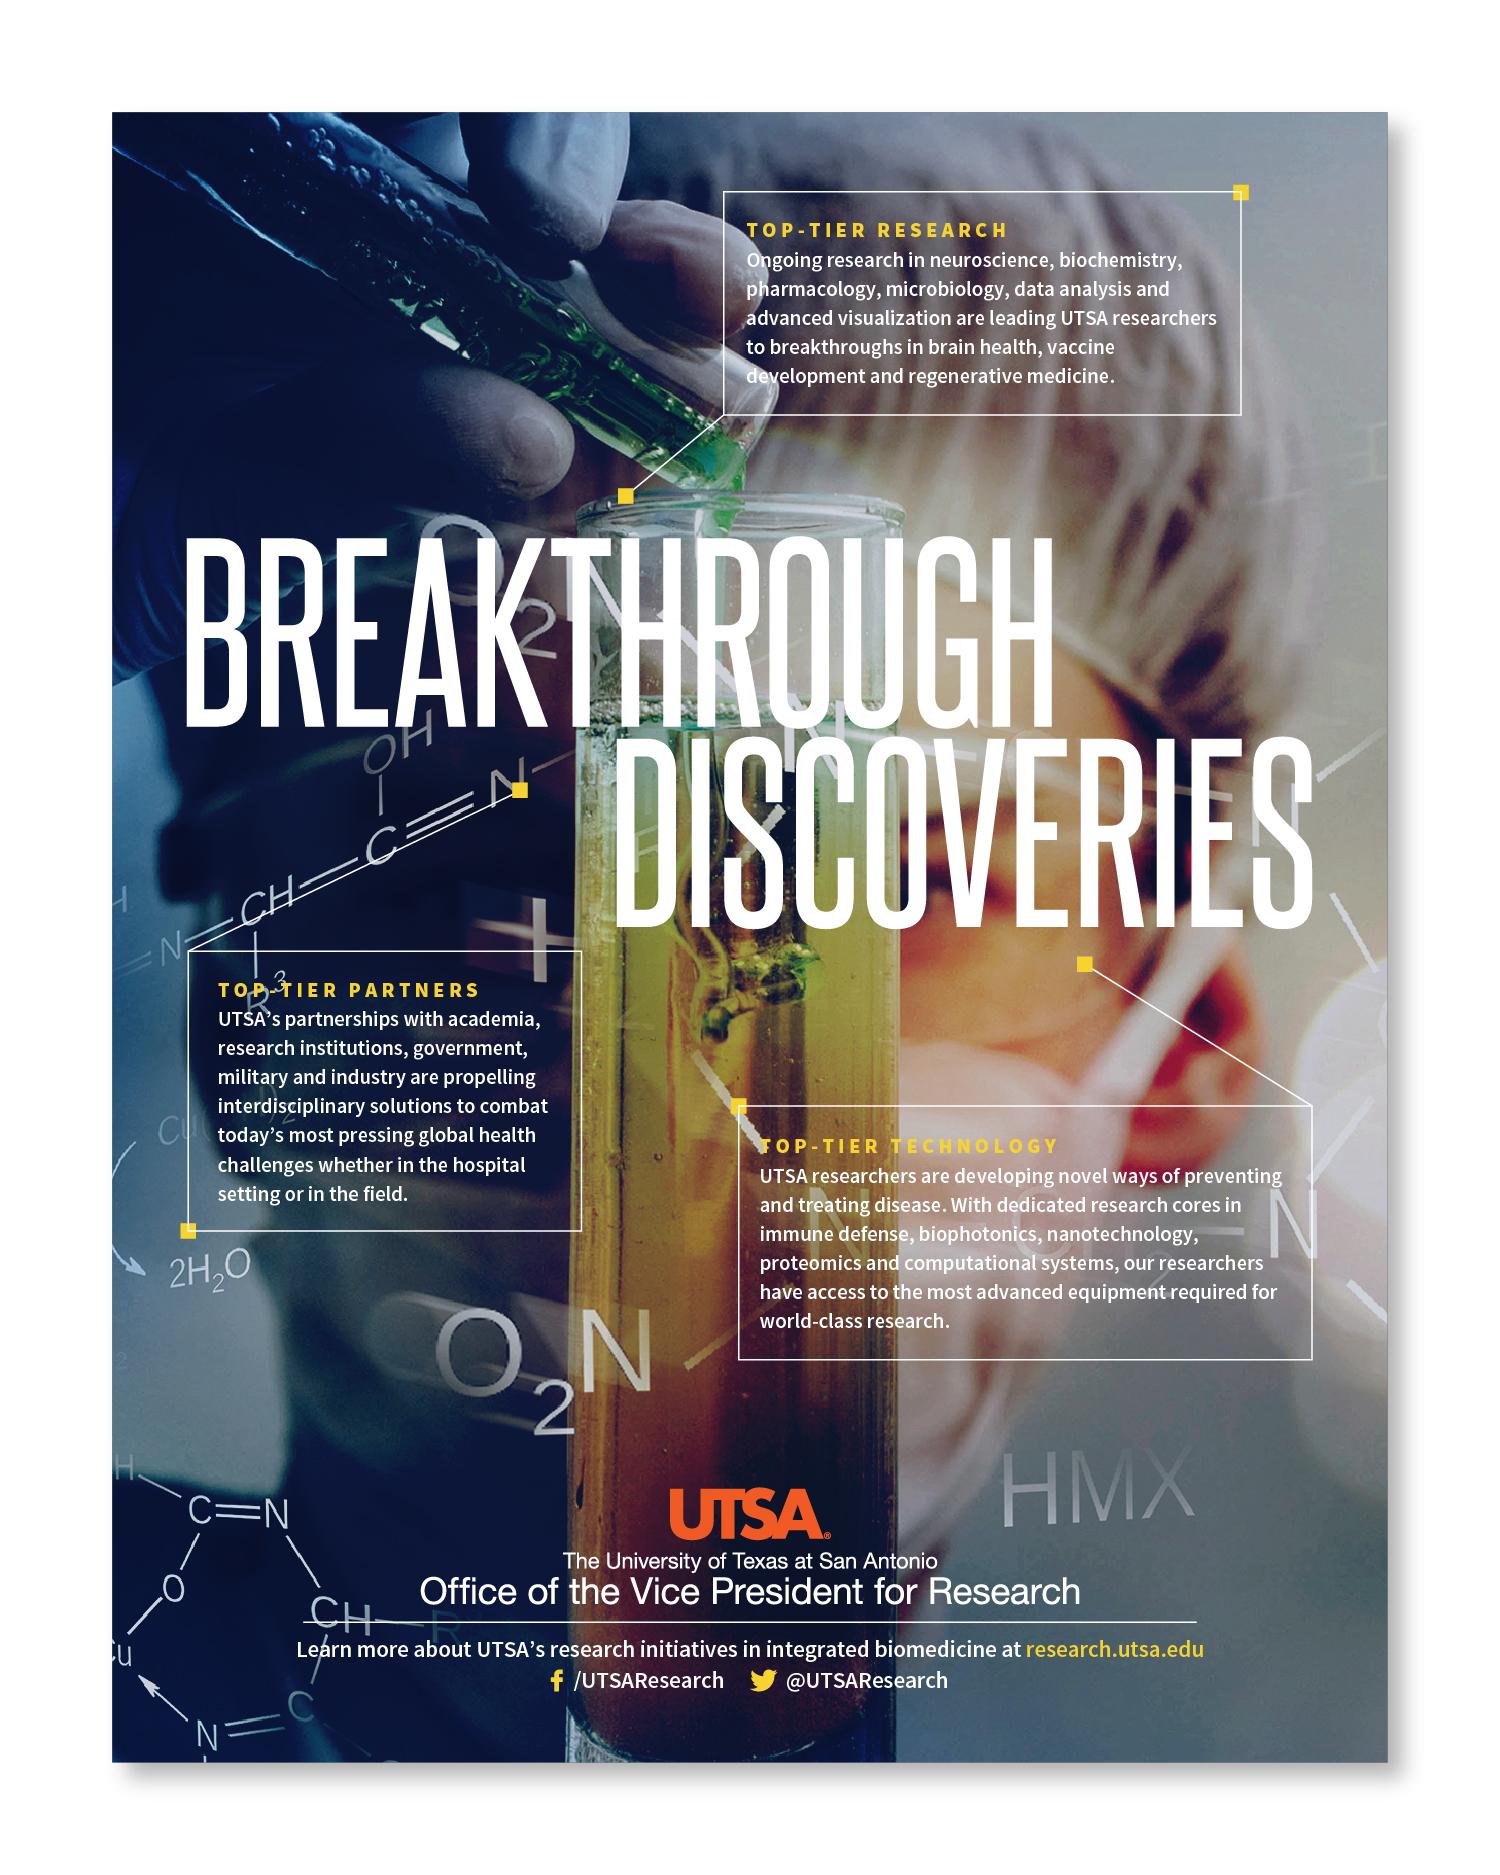 UTSA Research